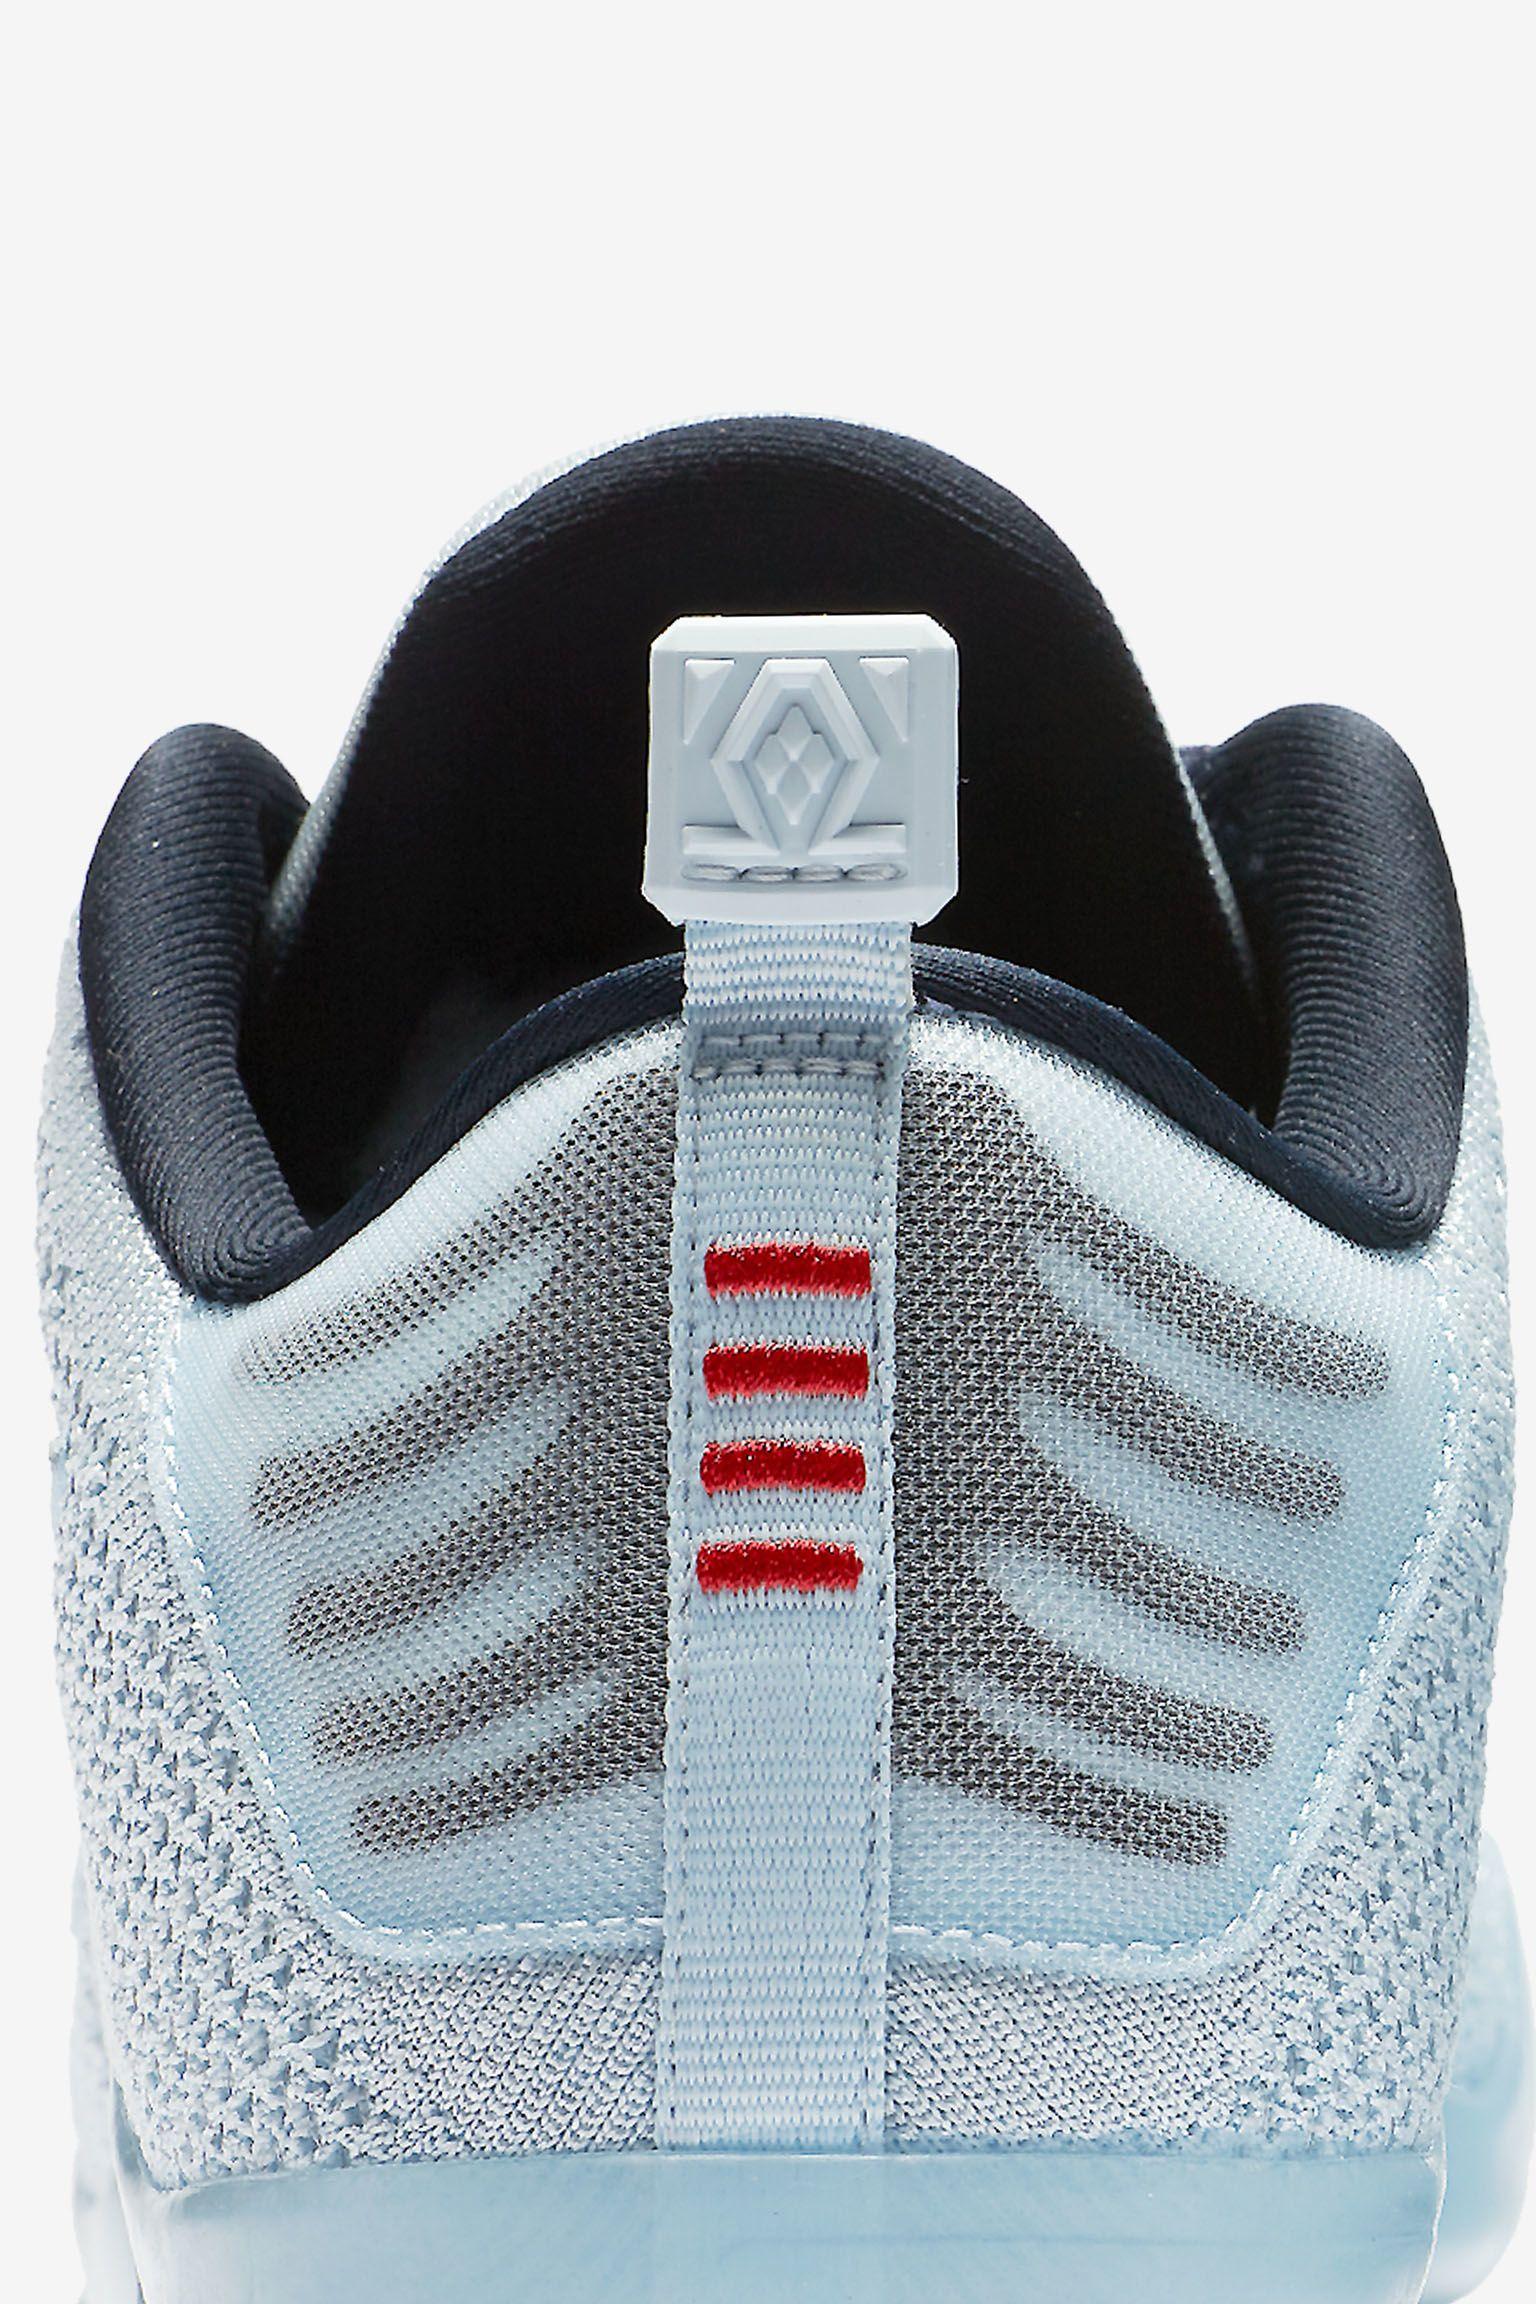 Nike Kobe 11 Elite Low 'Pale Horse' Release Date